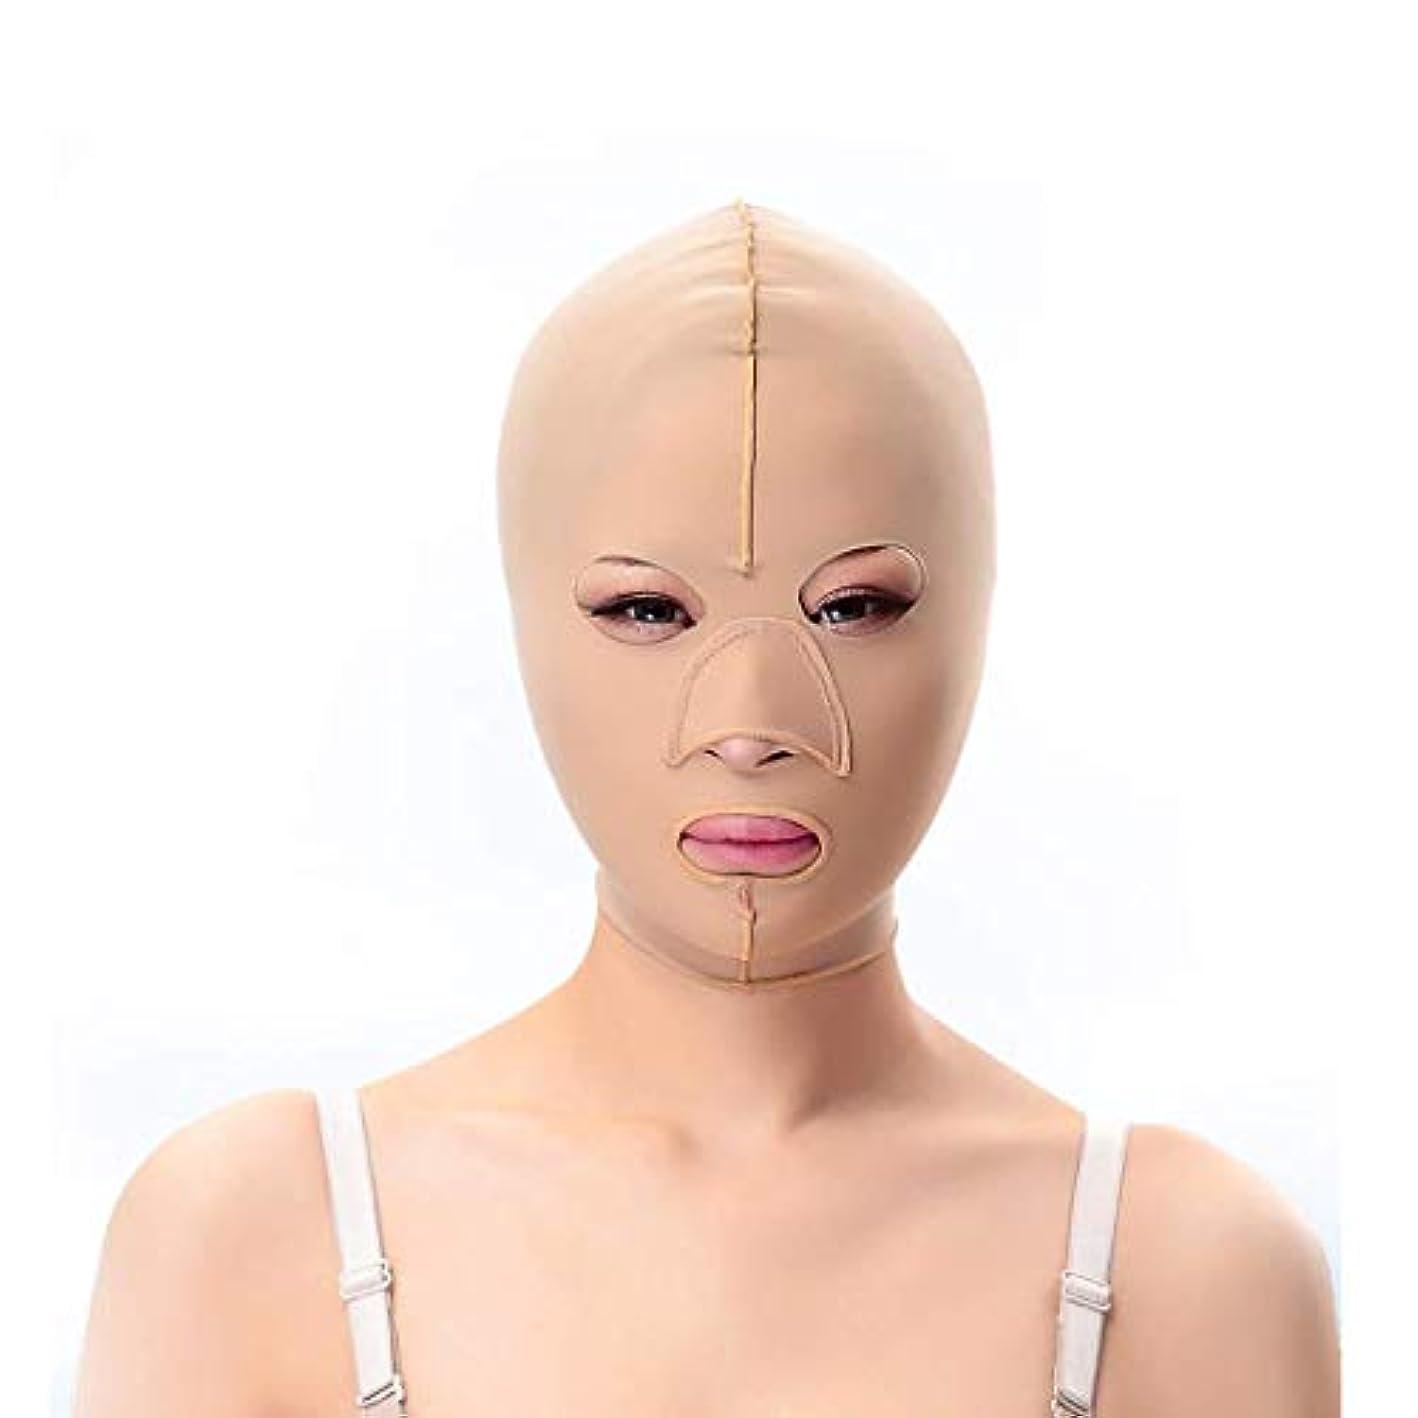 絞る不和レイアウトスリミングベルト、フェイシャルマスク薄いフェイスマスク布布パターンリフティングダブルあご引き締めフェイシャルプラスチック顔アーティファクト強力な顔包帯(サイズ:M)